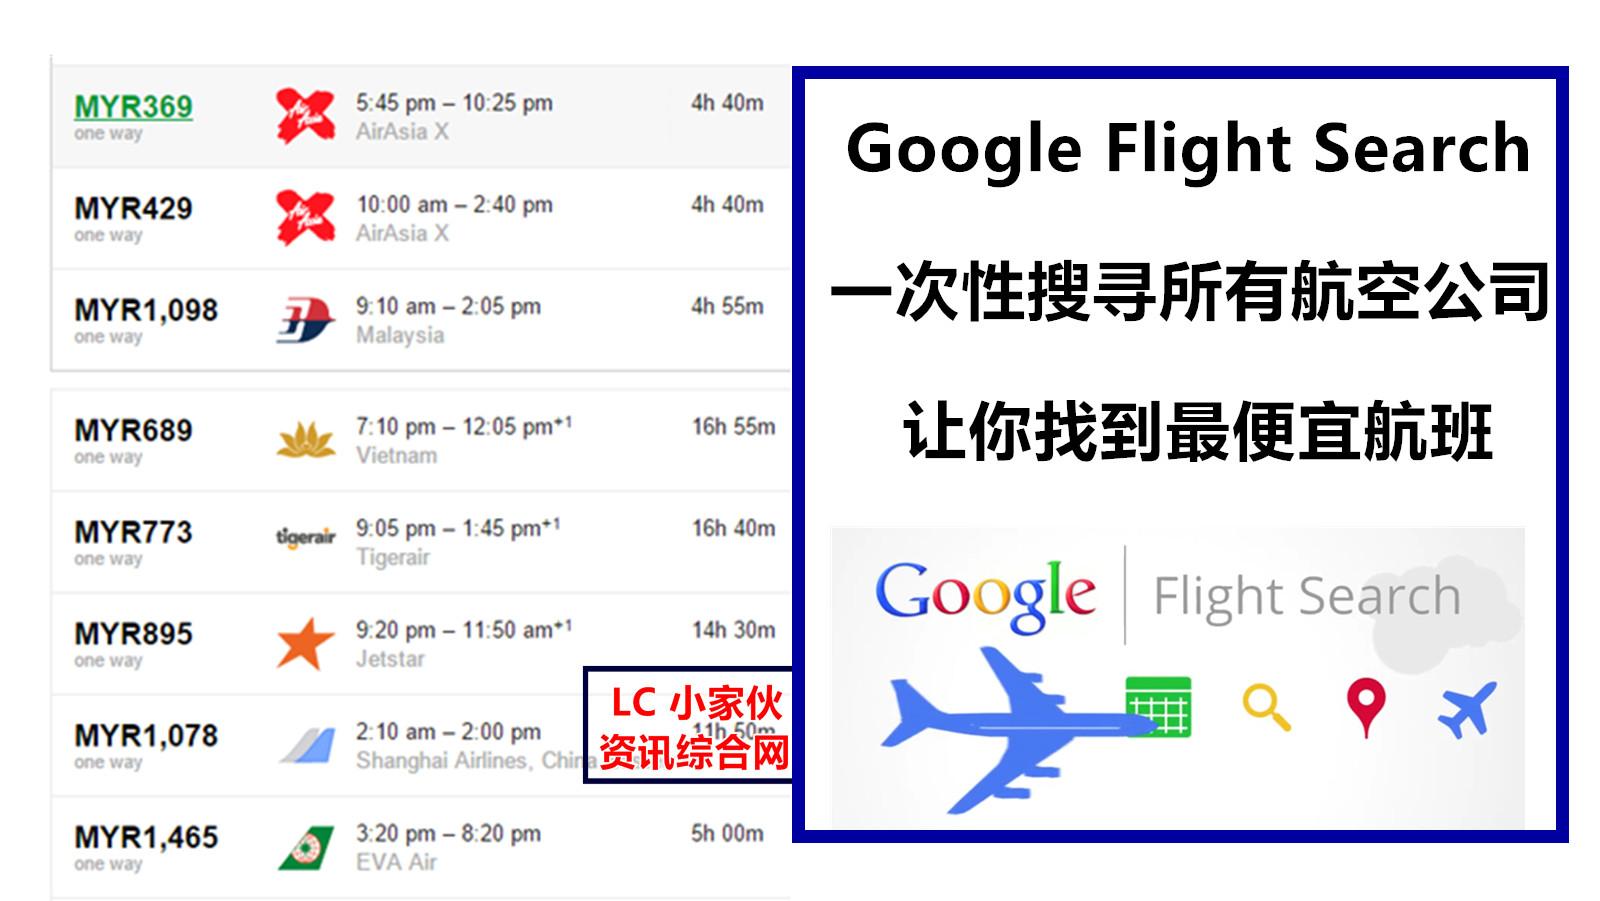 【買機票前必看~】 Google Flight讓你一次查看所有航空公司機票 + 便宜機票!太方便了!